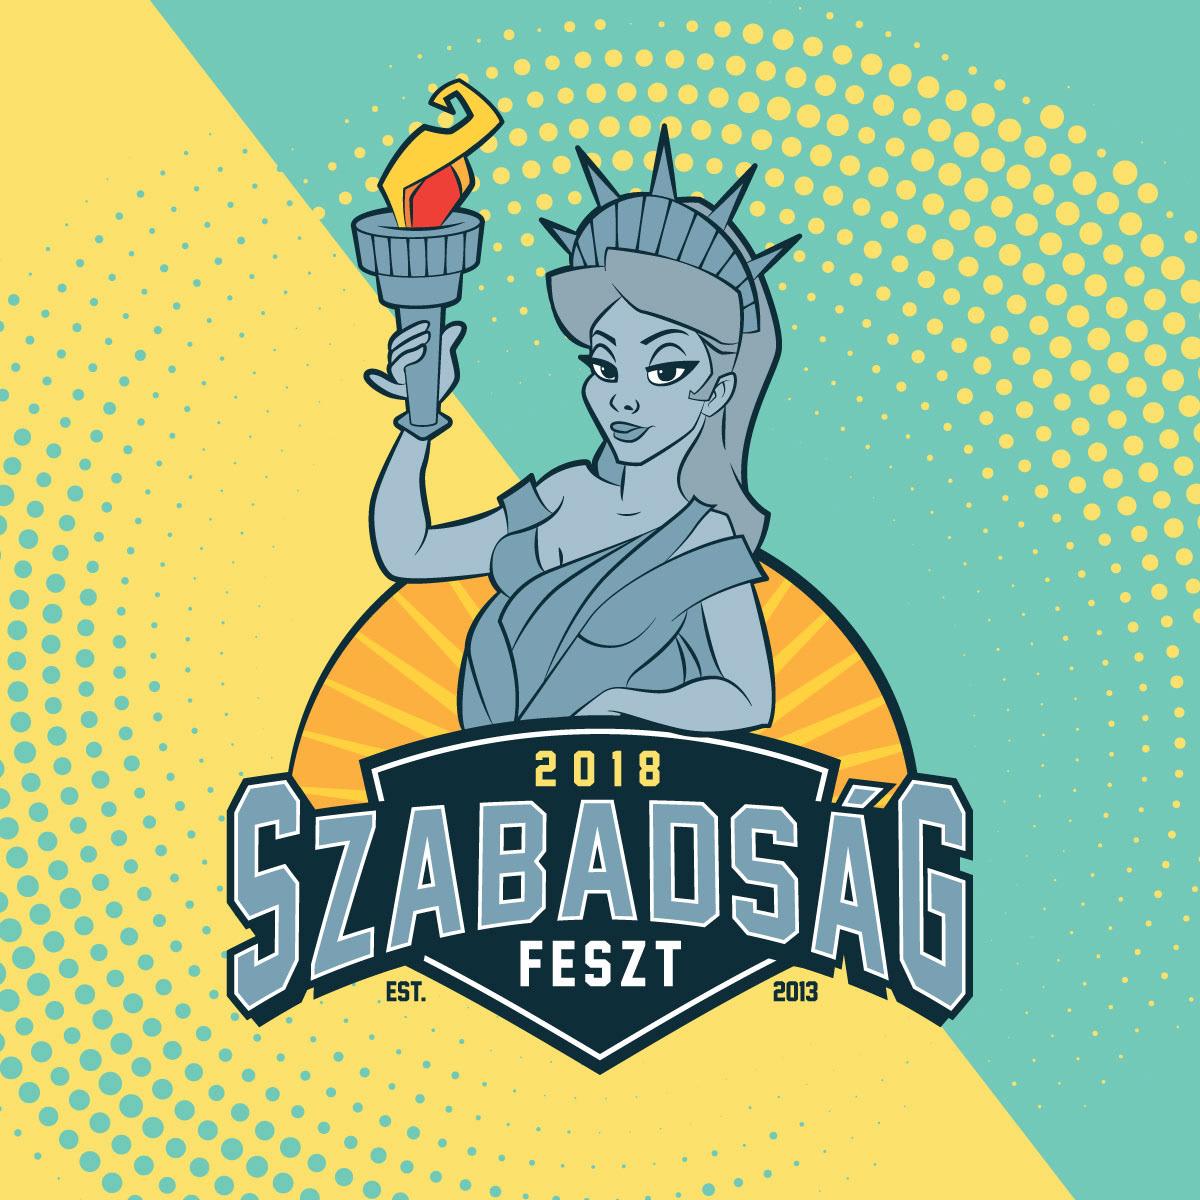 Szabadság Feszt 2018 logo